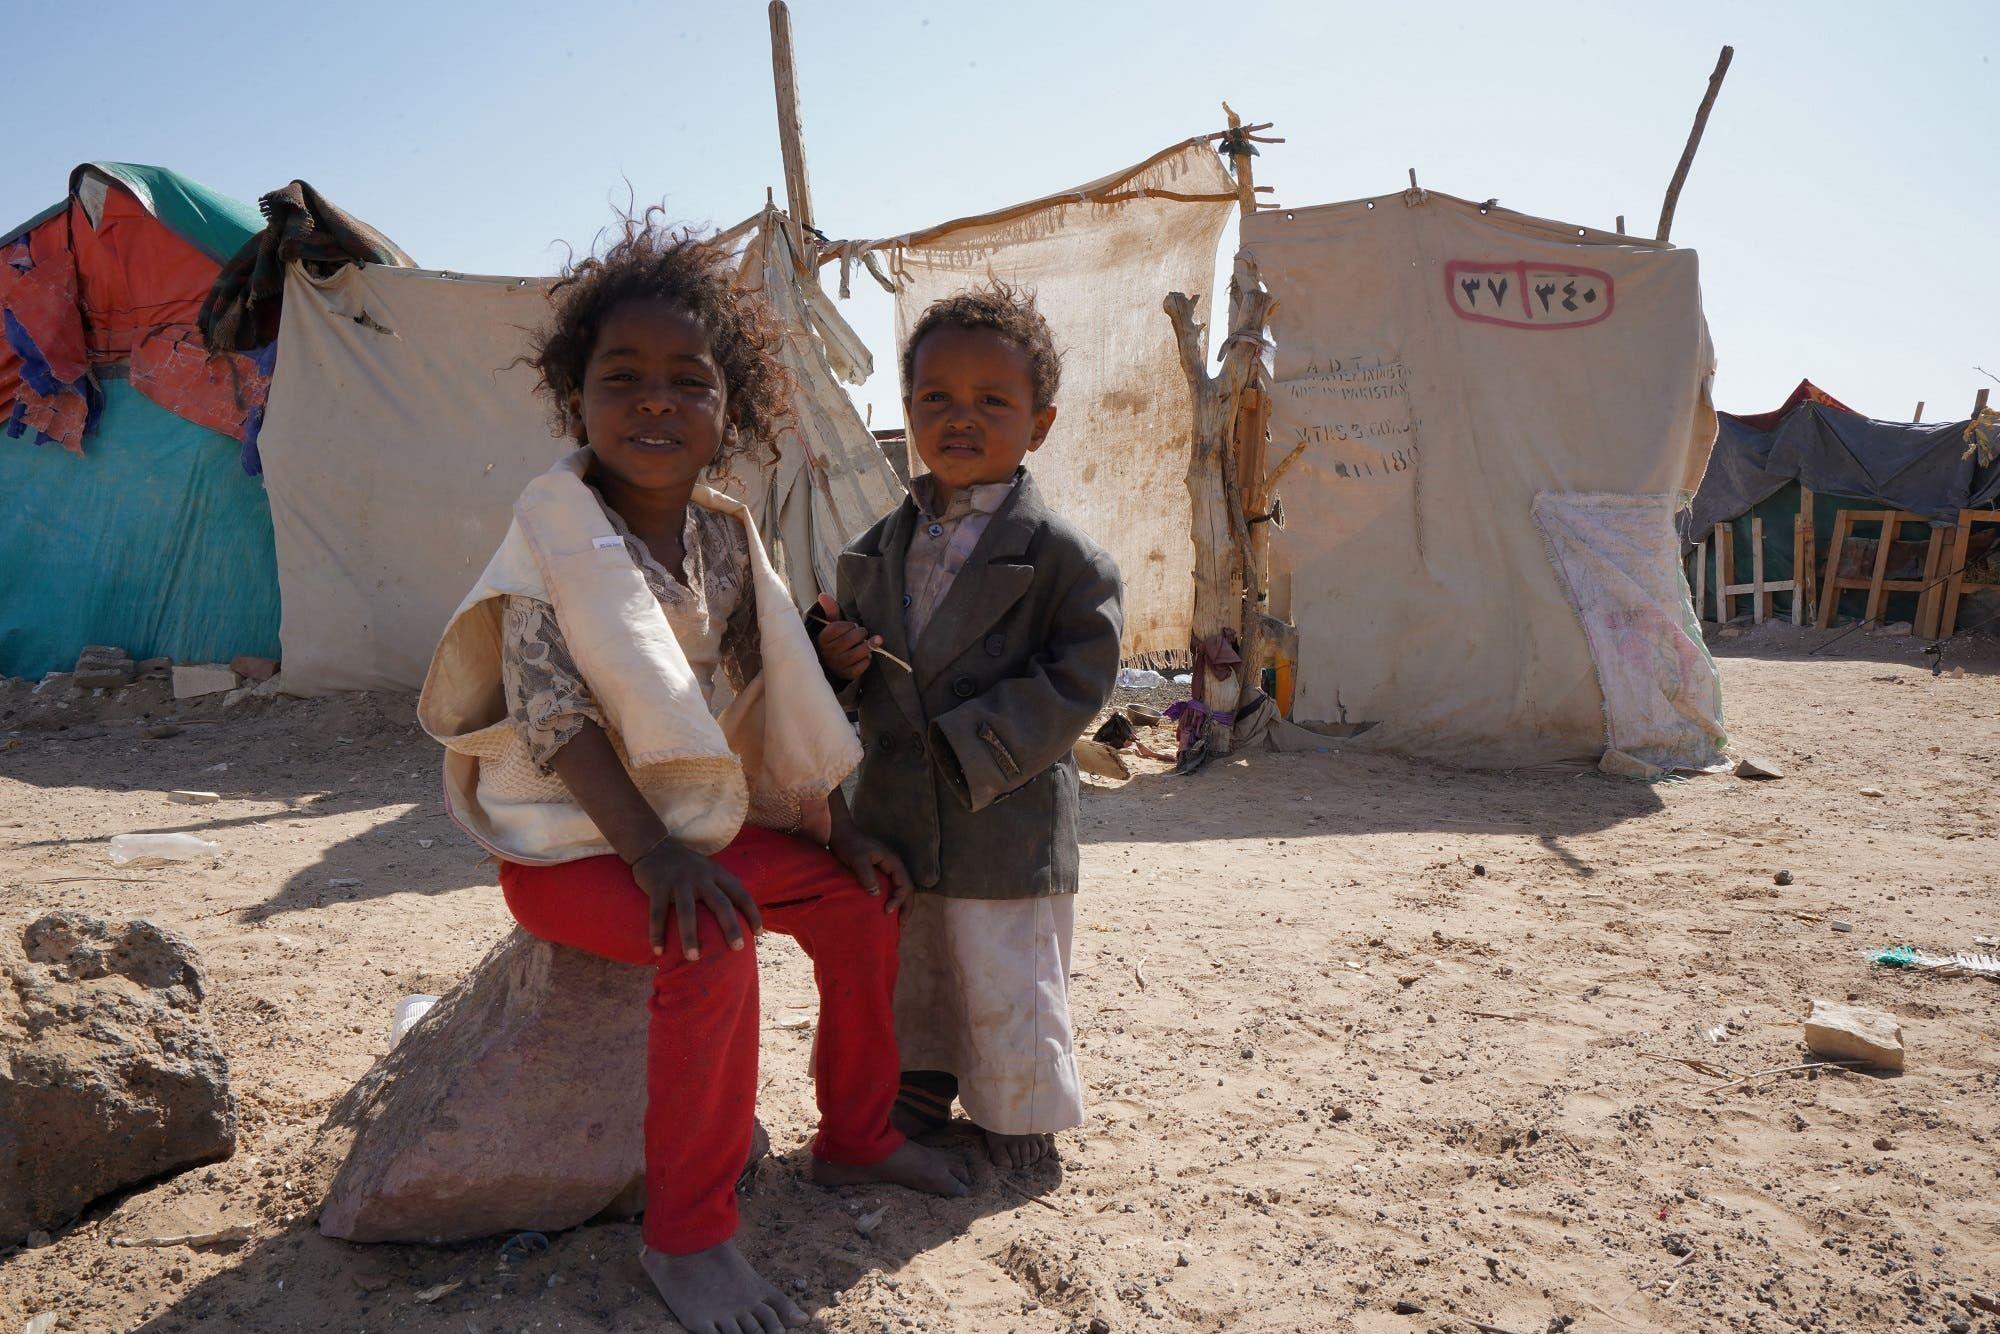 أطفال يمنيون في مخيم جو النسيم للنازحين بضواحي مدينة مأرب يوم 18 فبراير (فرانس برس)